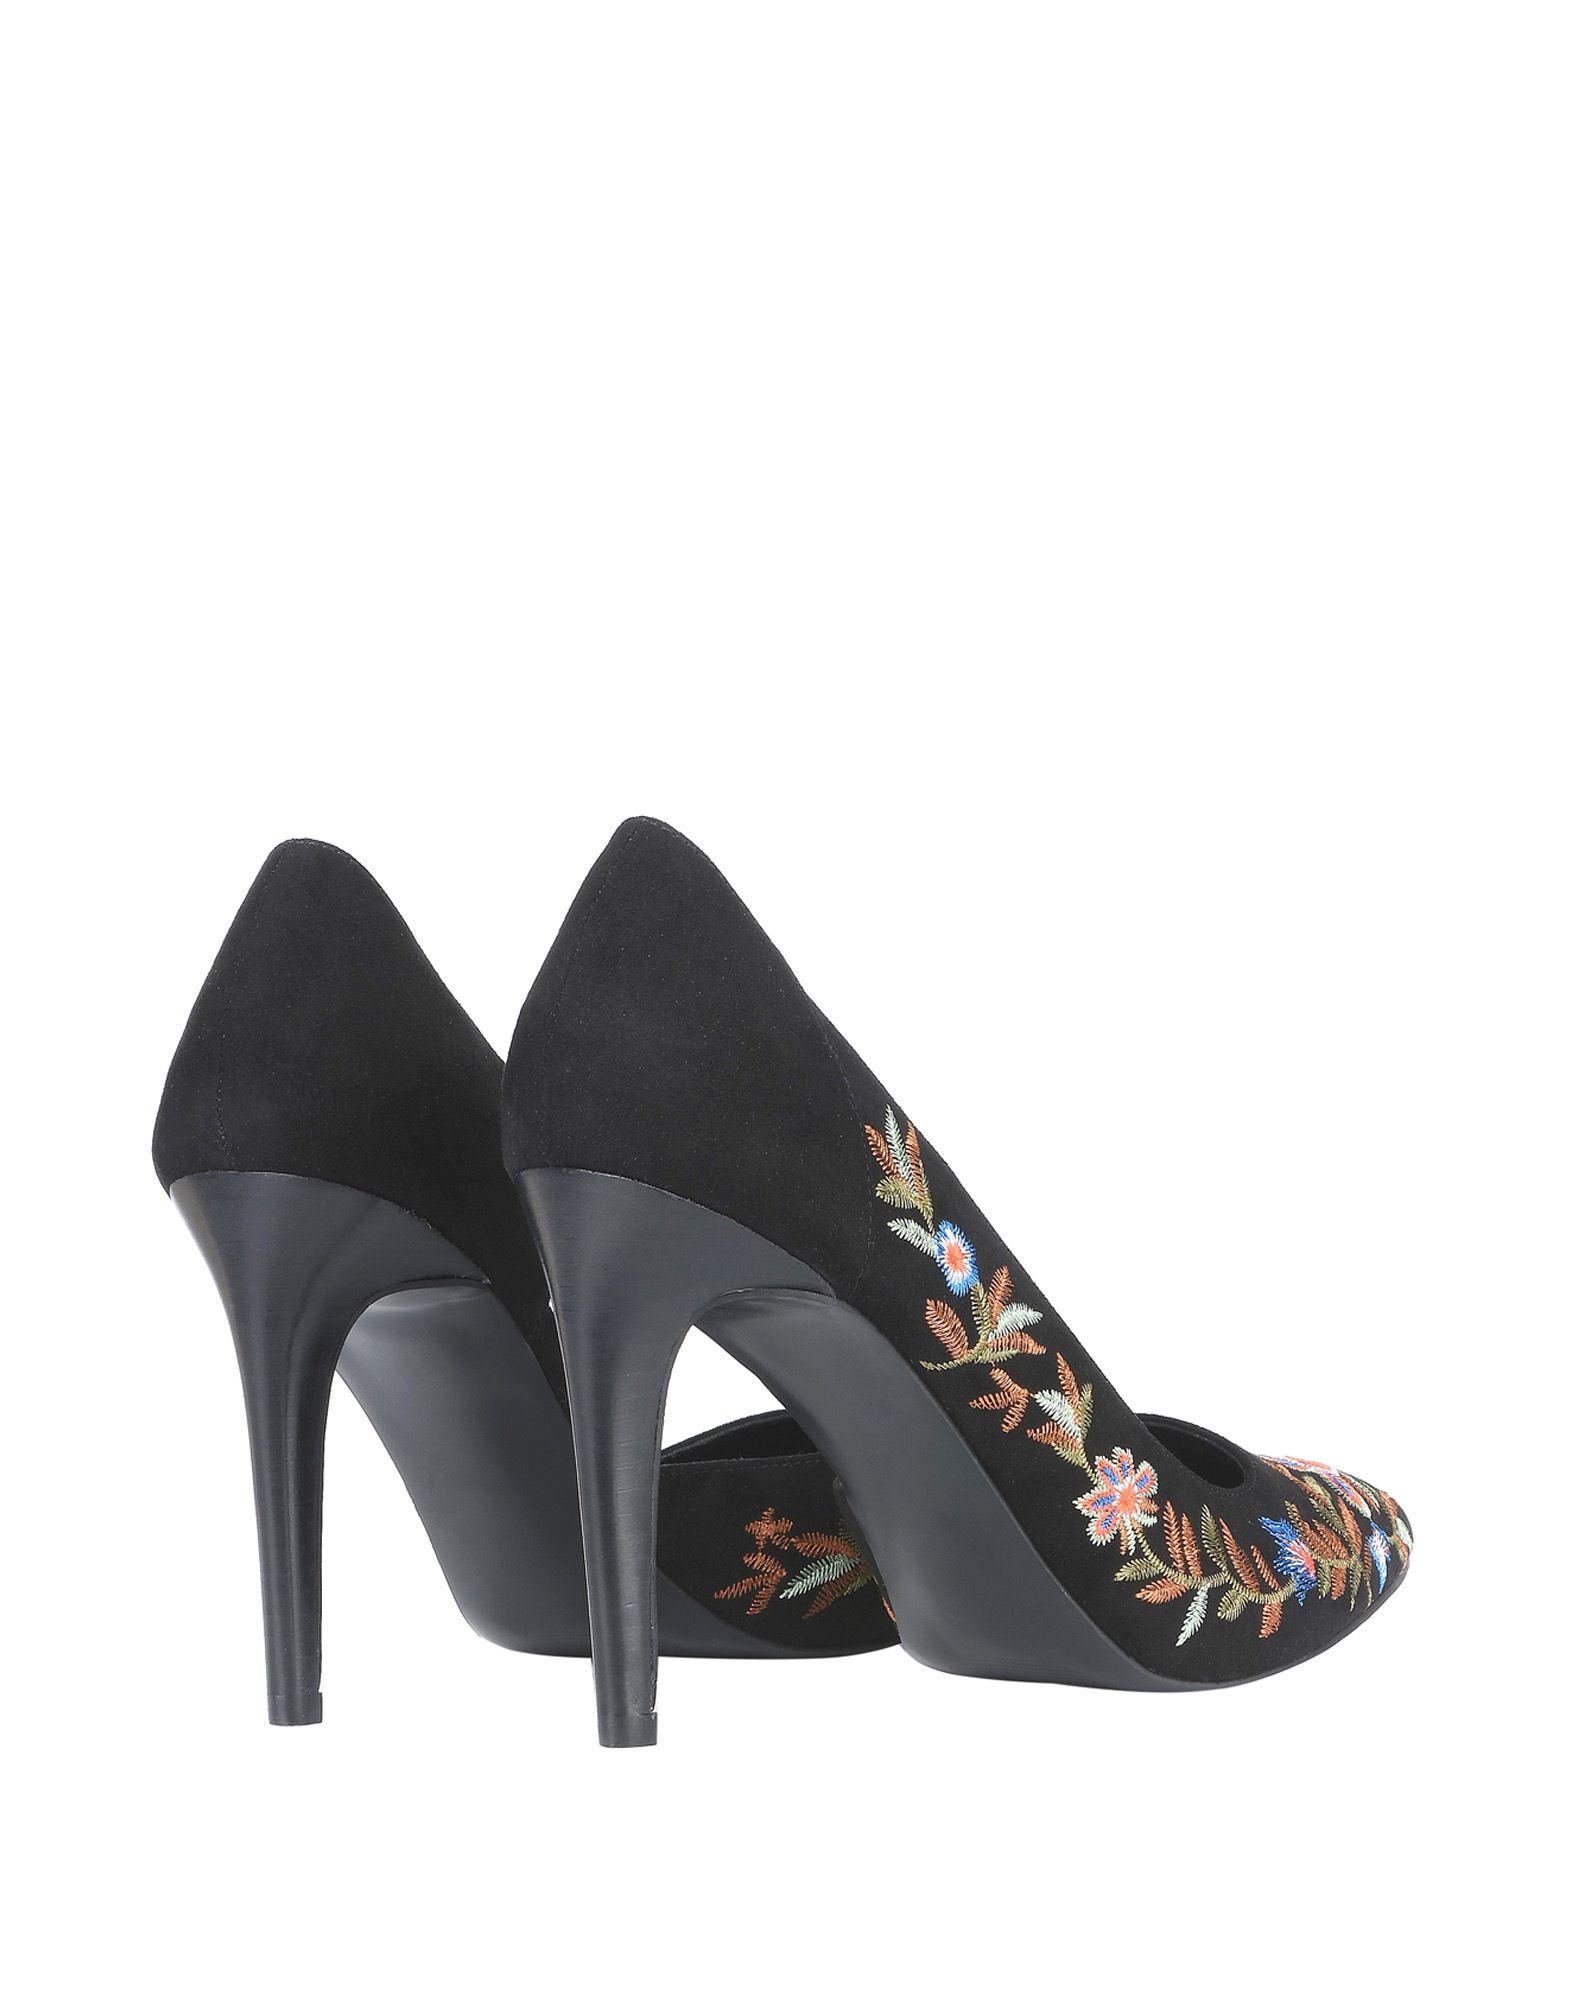 Steve Madden Gute Adoria Pump  11276572KO Gute Madden Qualität beliebte Schuhe abd21c